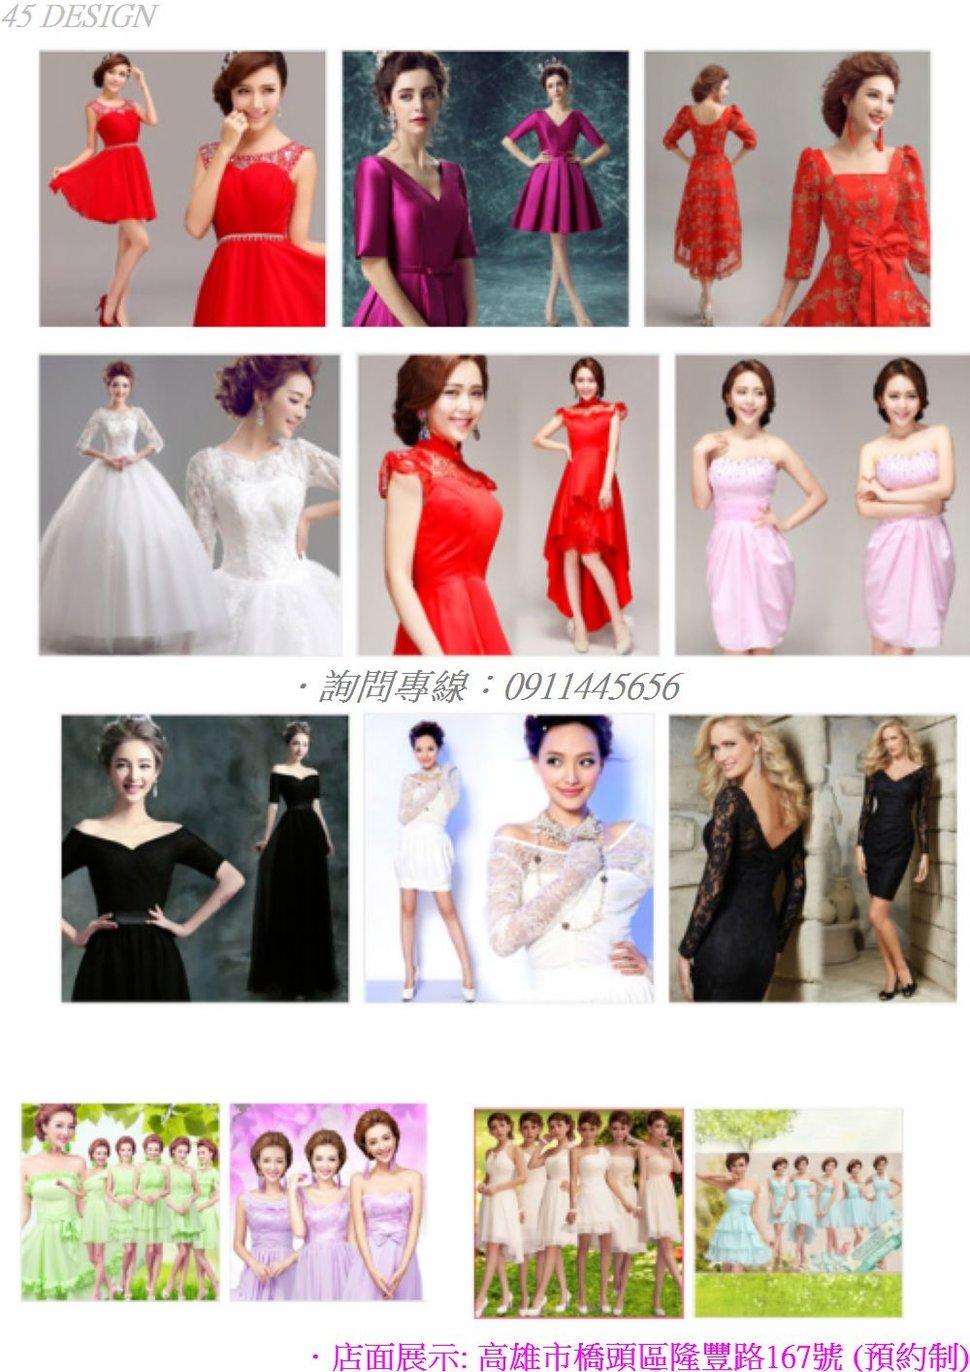 msl1908152030E50CAE21437DA0EAEAE815150D68 - 全台最便宜-45DESIGN四五婚紗禮服《結婚吧》